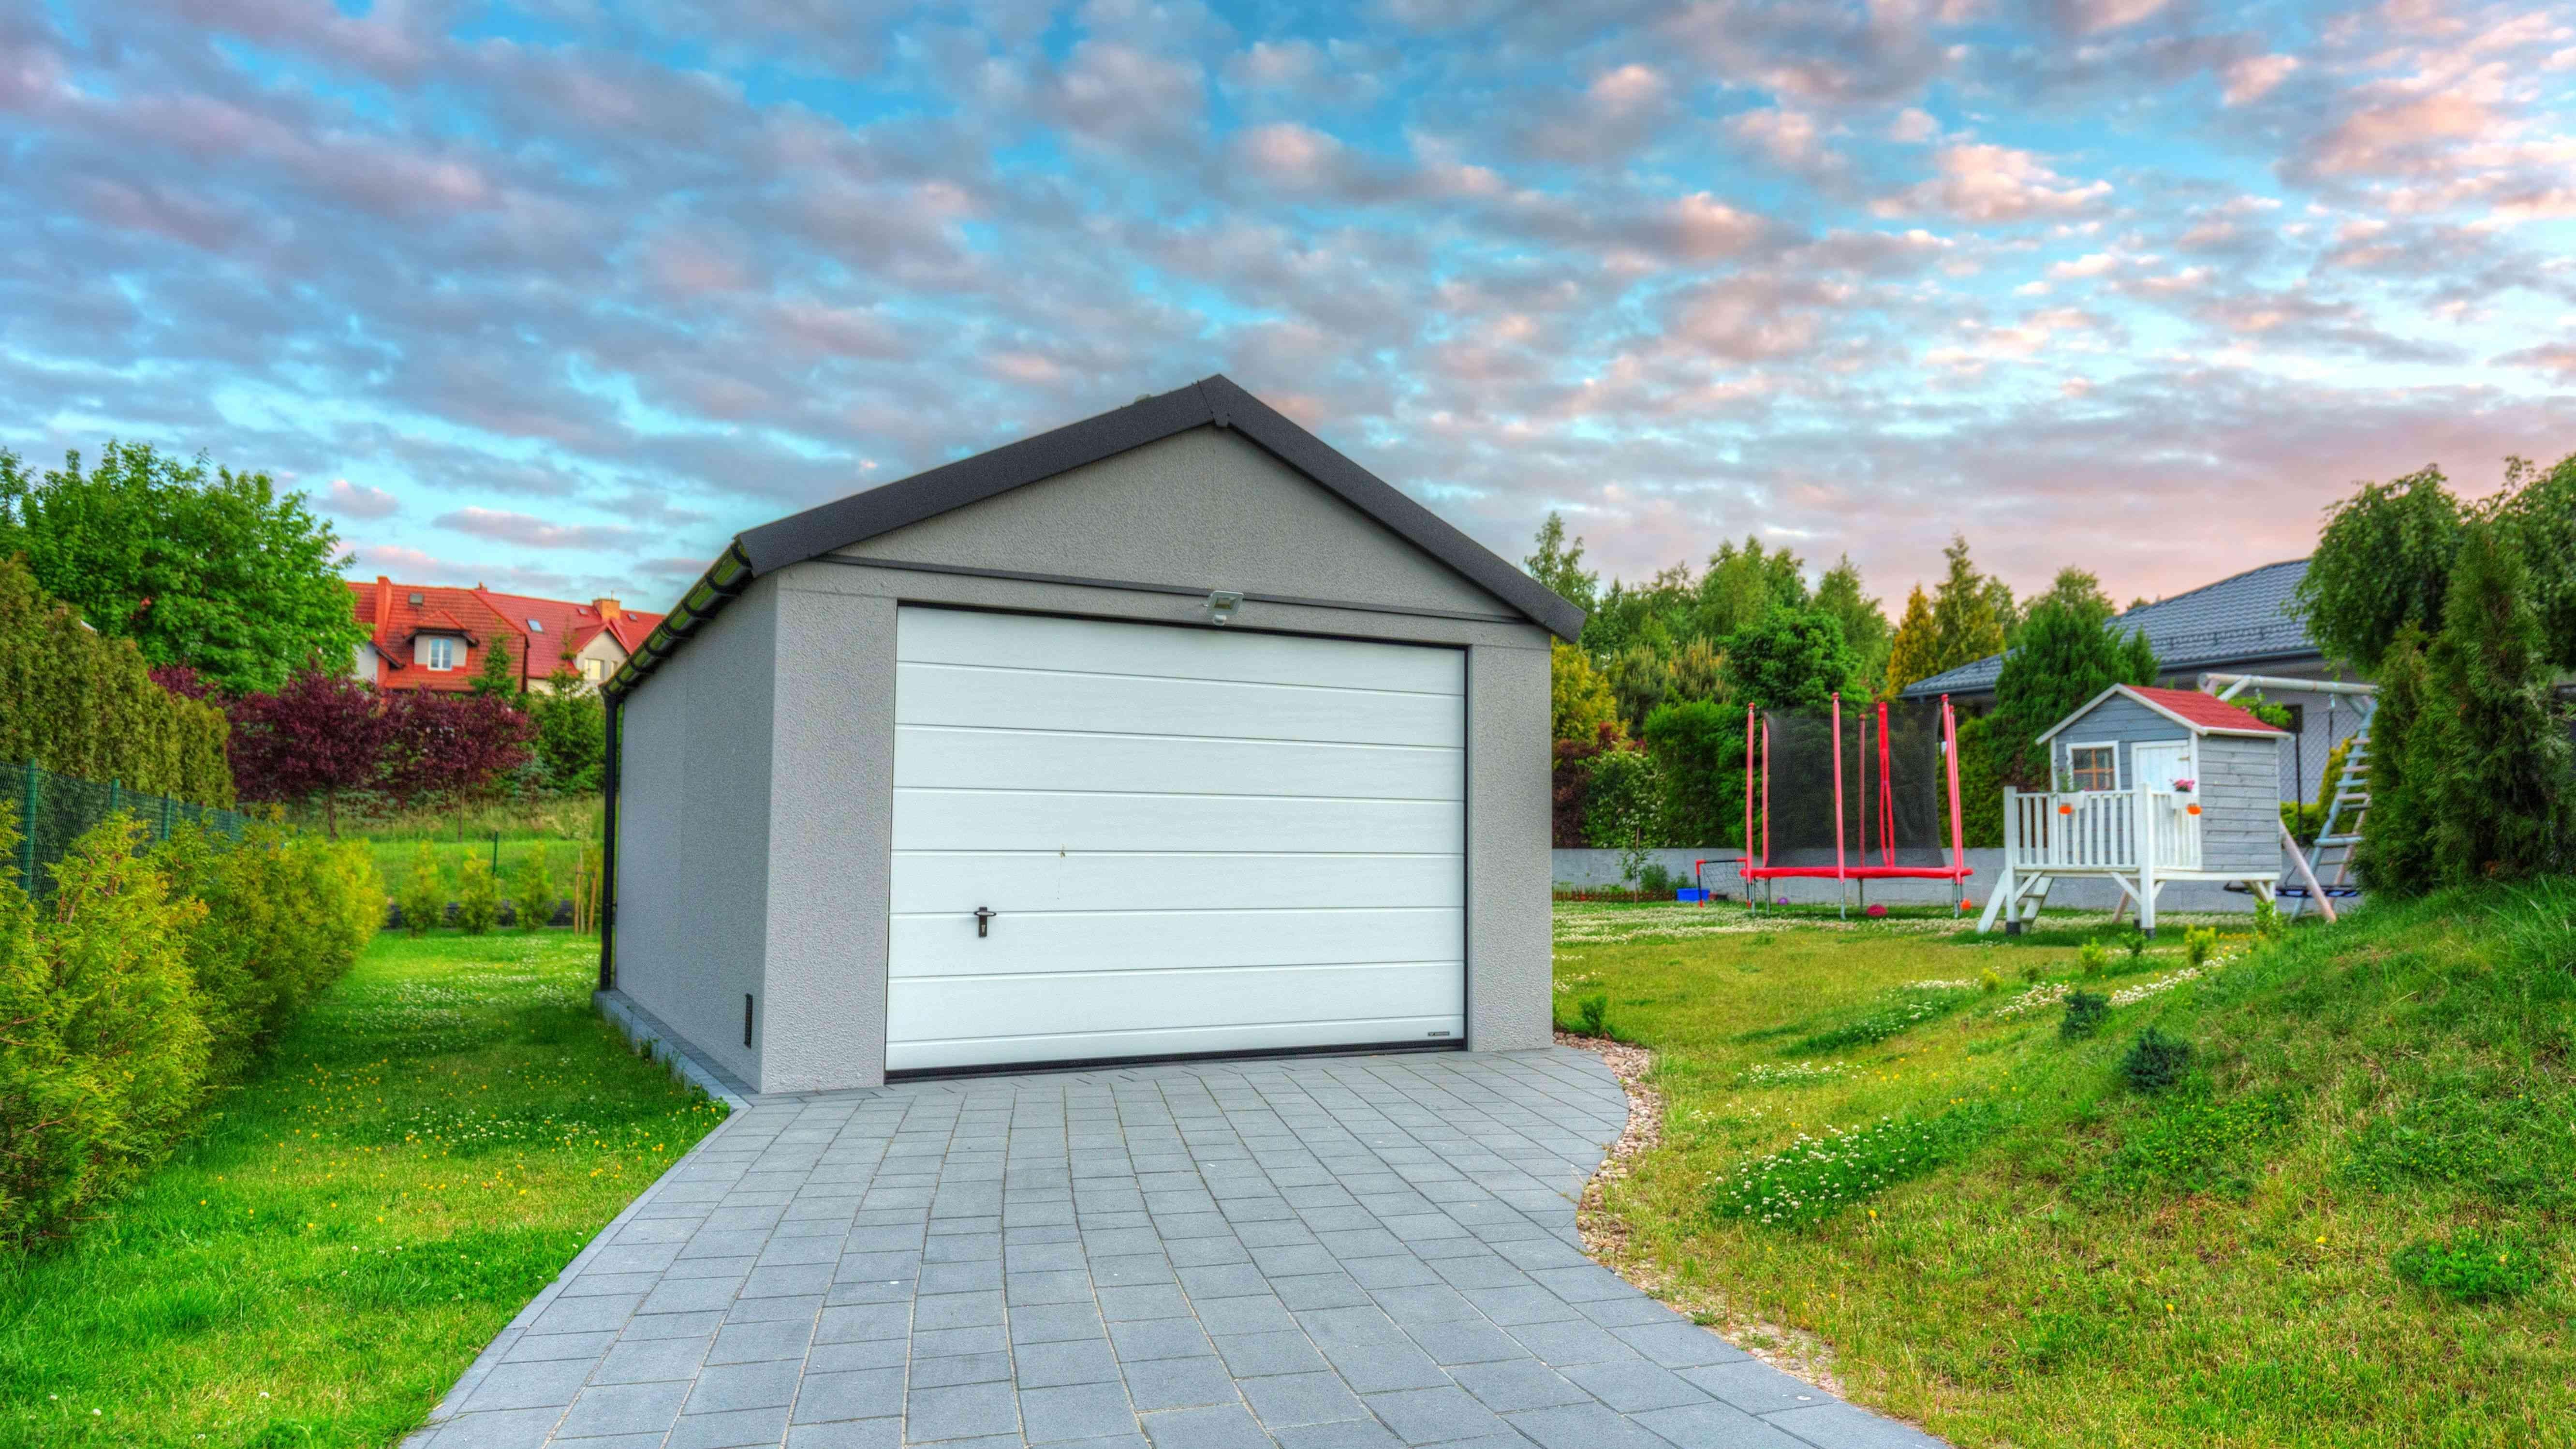 Comment choisir son garage